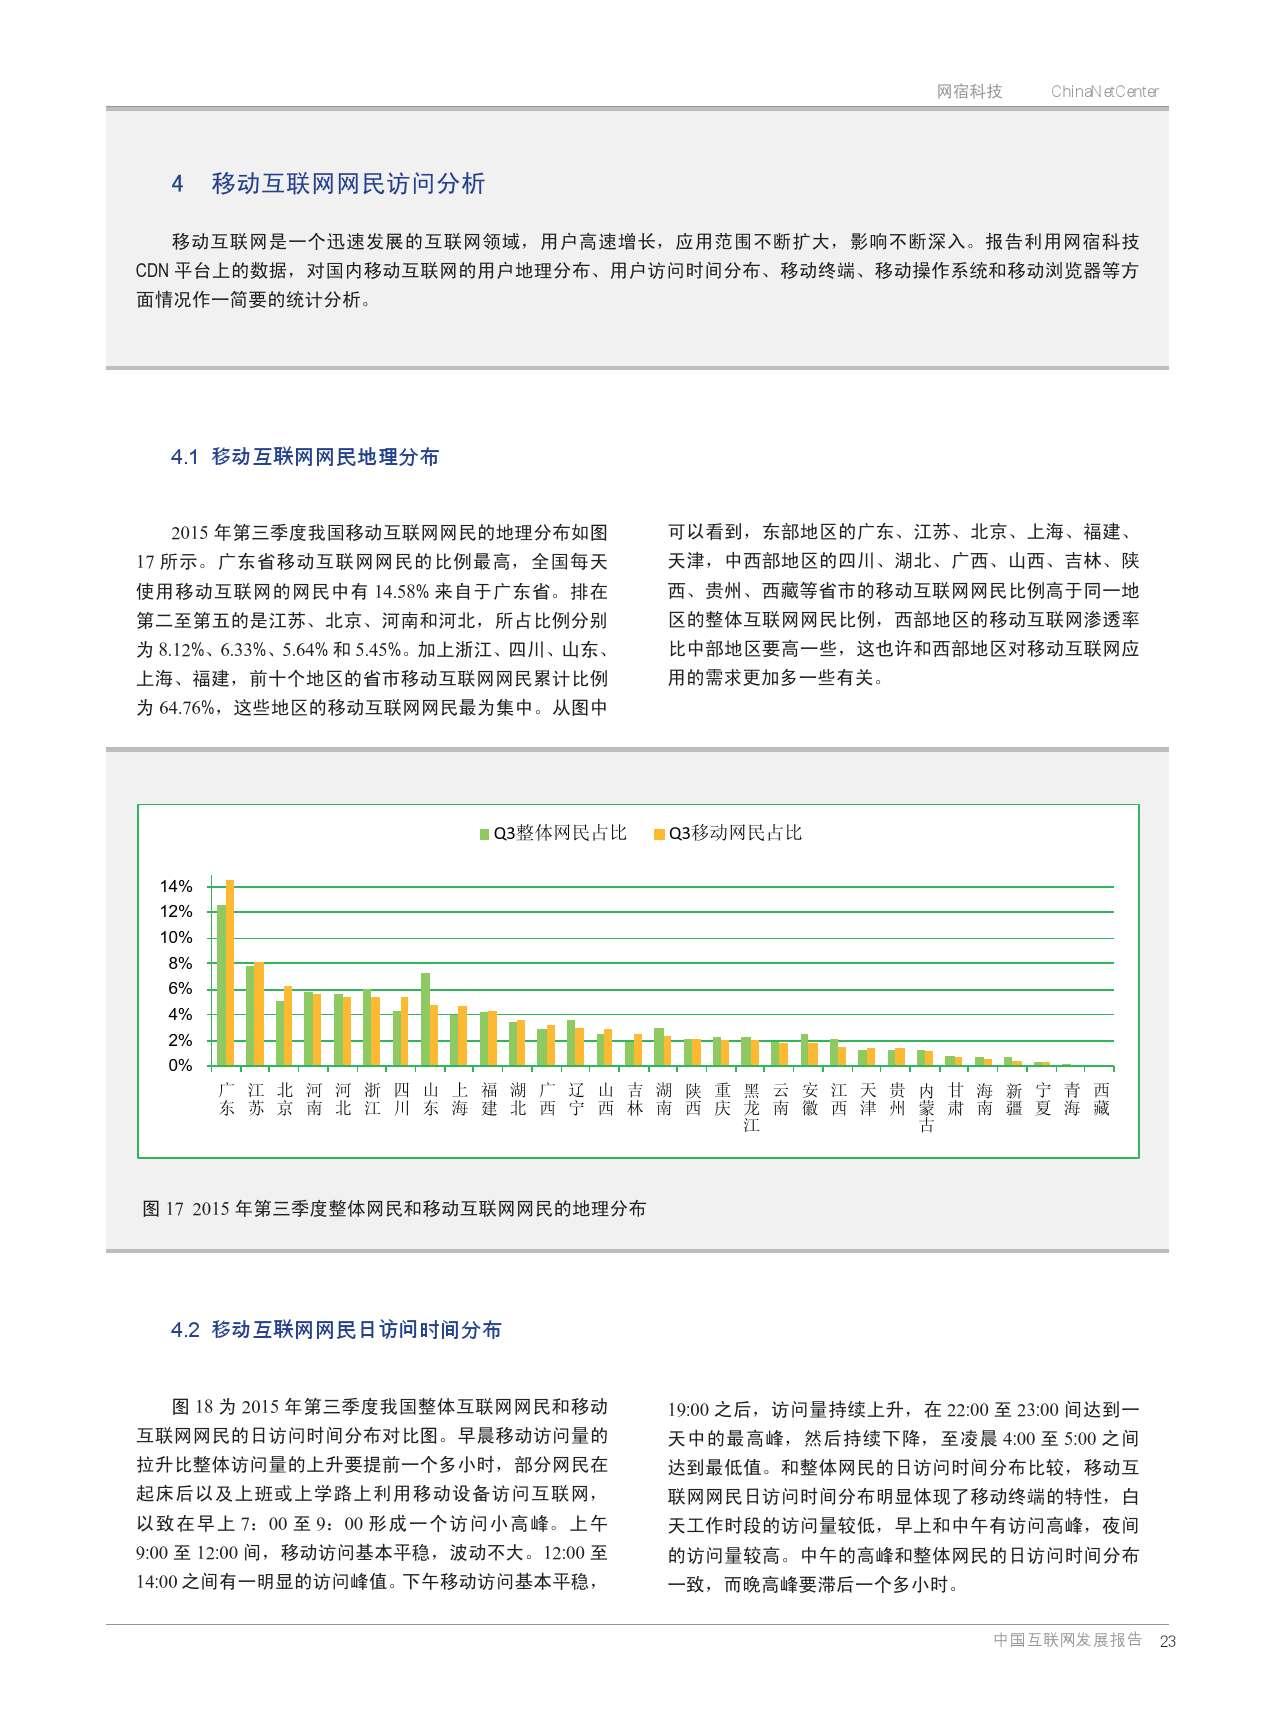 网宿:2015年Q3互联网报告_000022